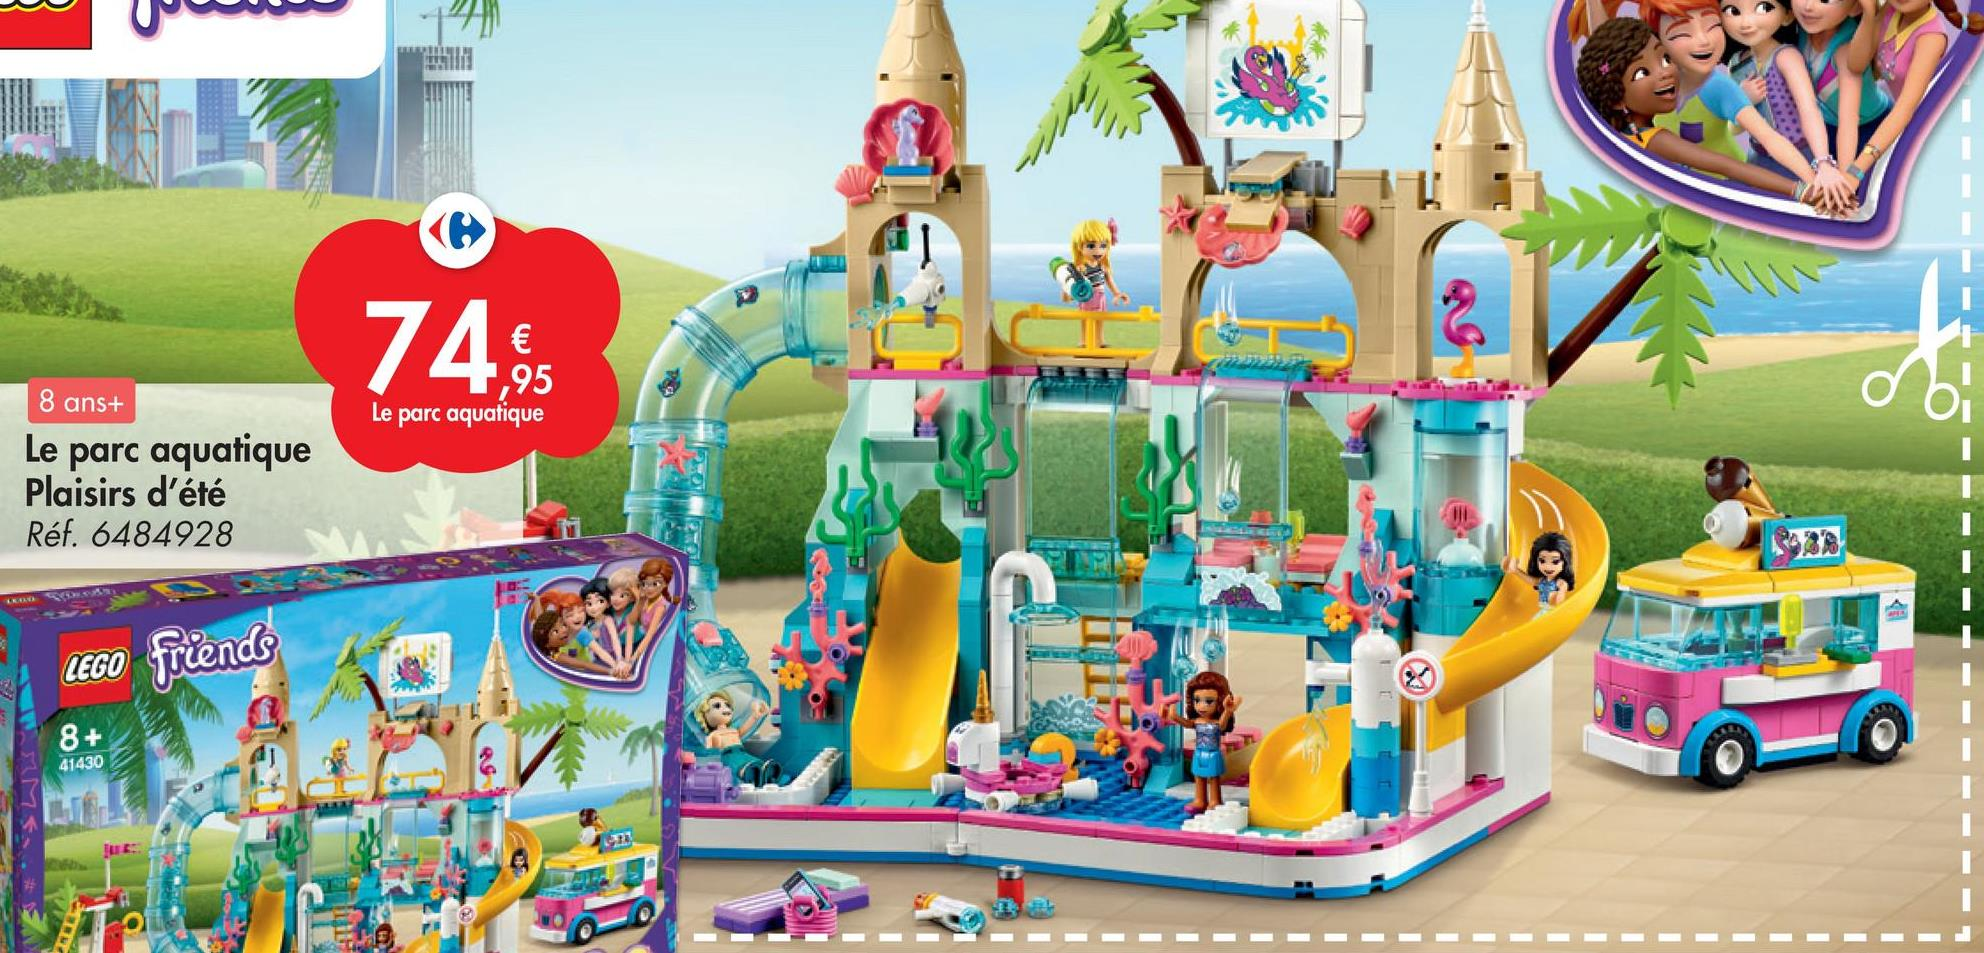 12 € 1,95 Le parc aquatique ob 8 ans+ Le parc aquatique Plaisirs d'été Réf. 6484928 LEGO friends 8+ 41430 OG